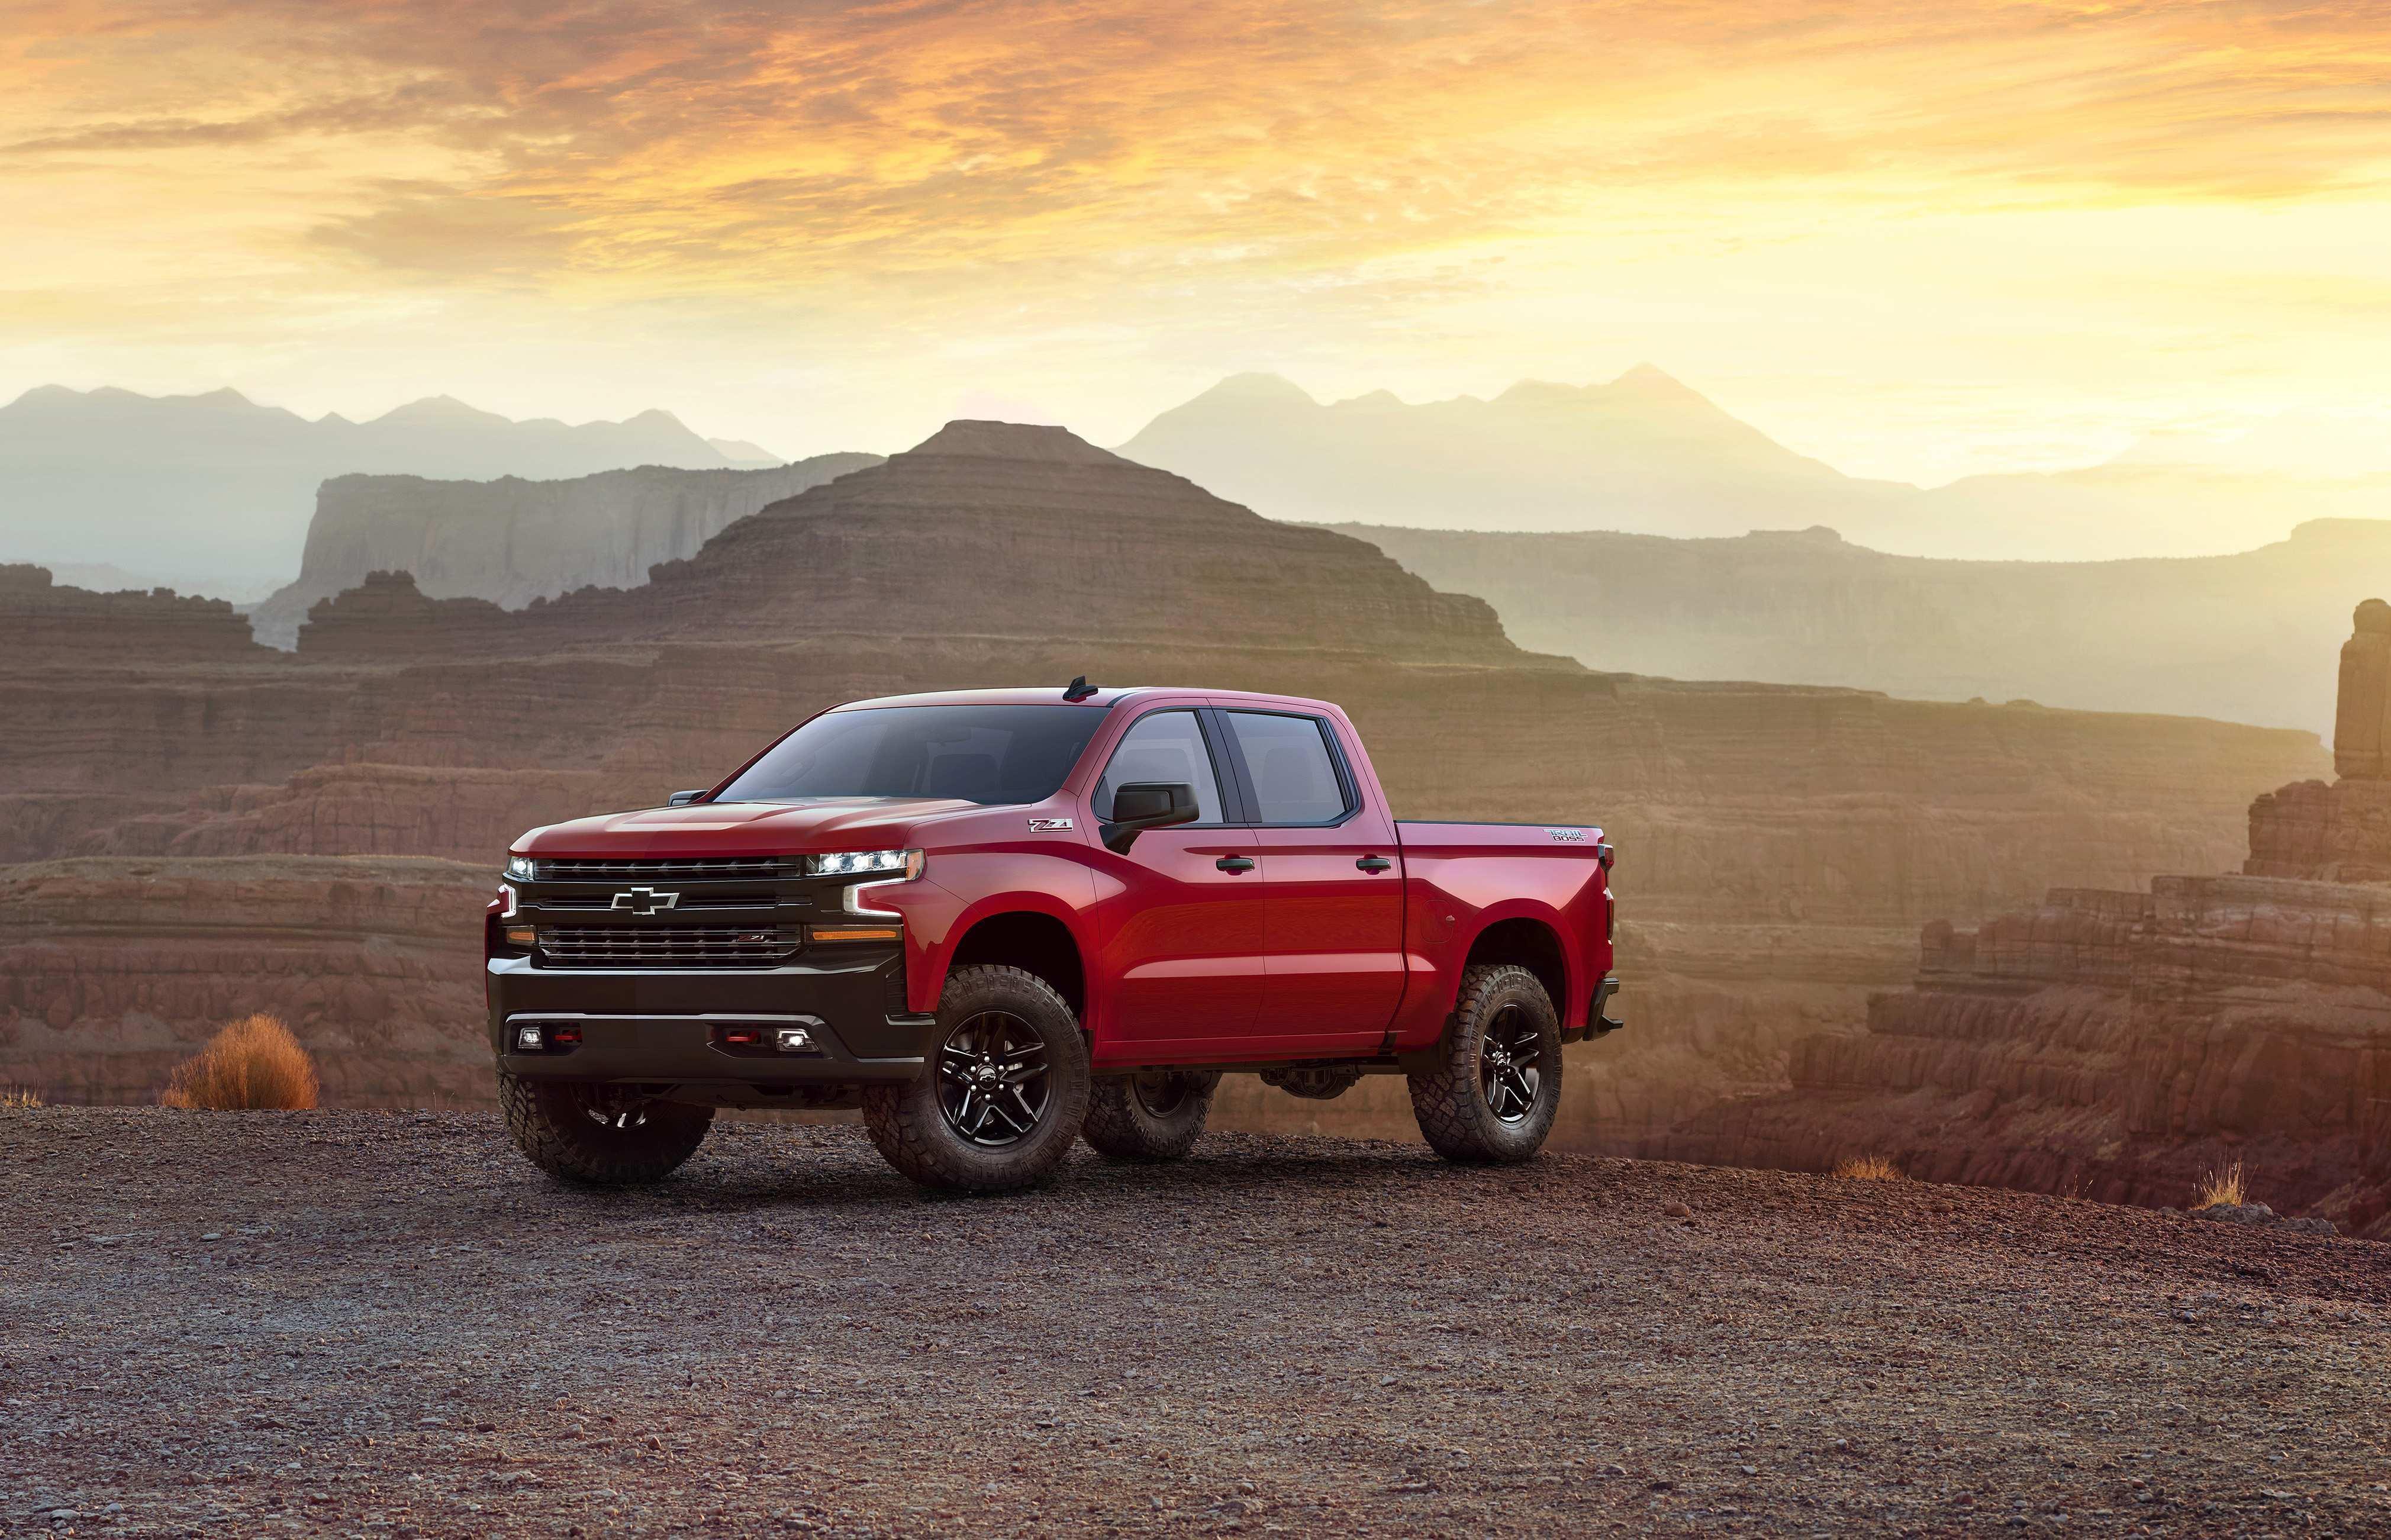 48 Best Review Best 2019 Chevrolet Silverado 2500Hd Wt Redesign Overview by Best 2019 Chevrolet Silverado 2500Hd Wt Redesign